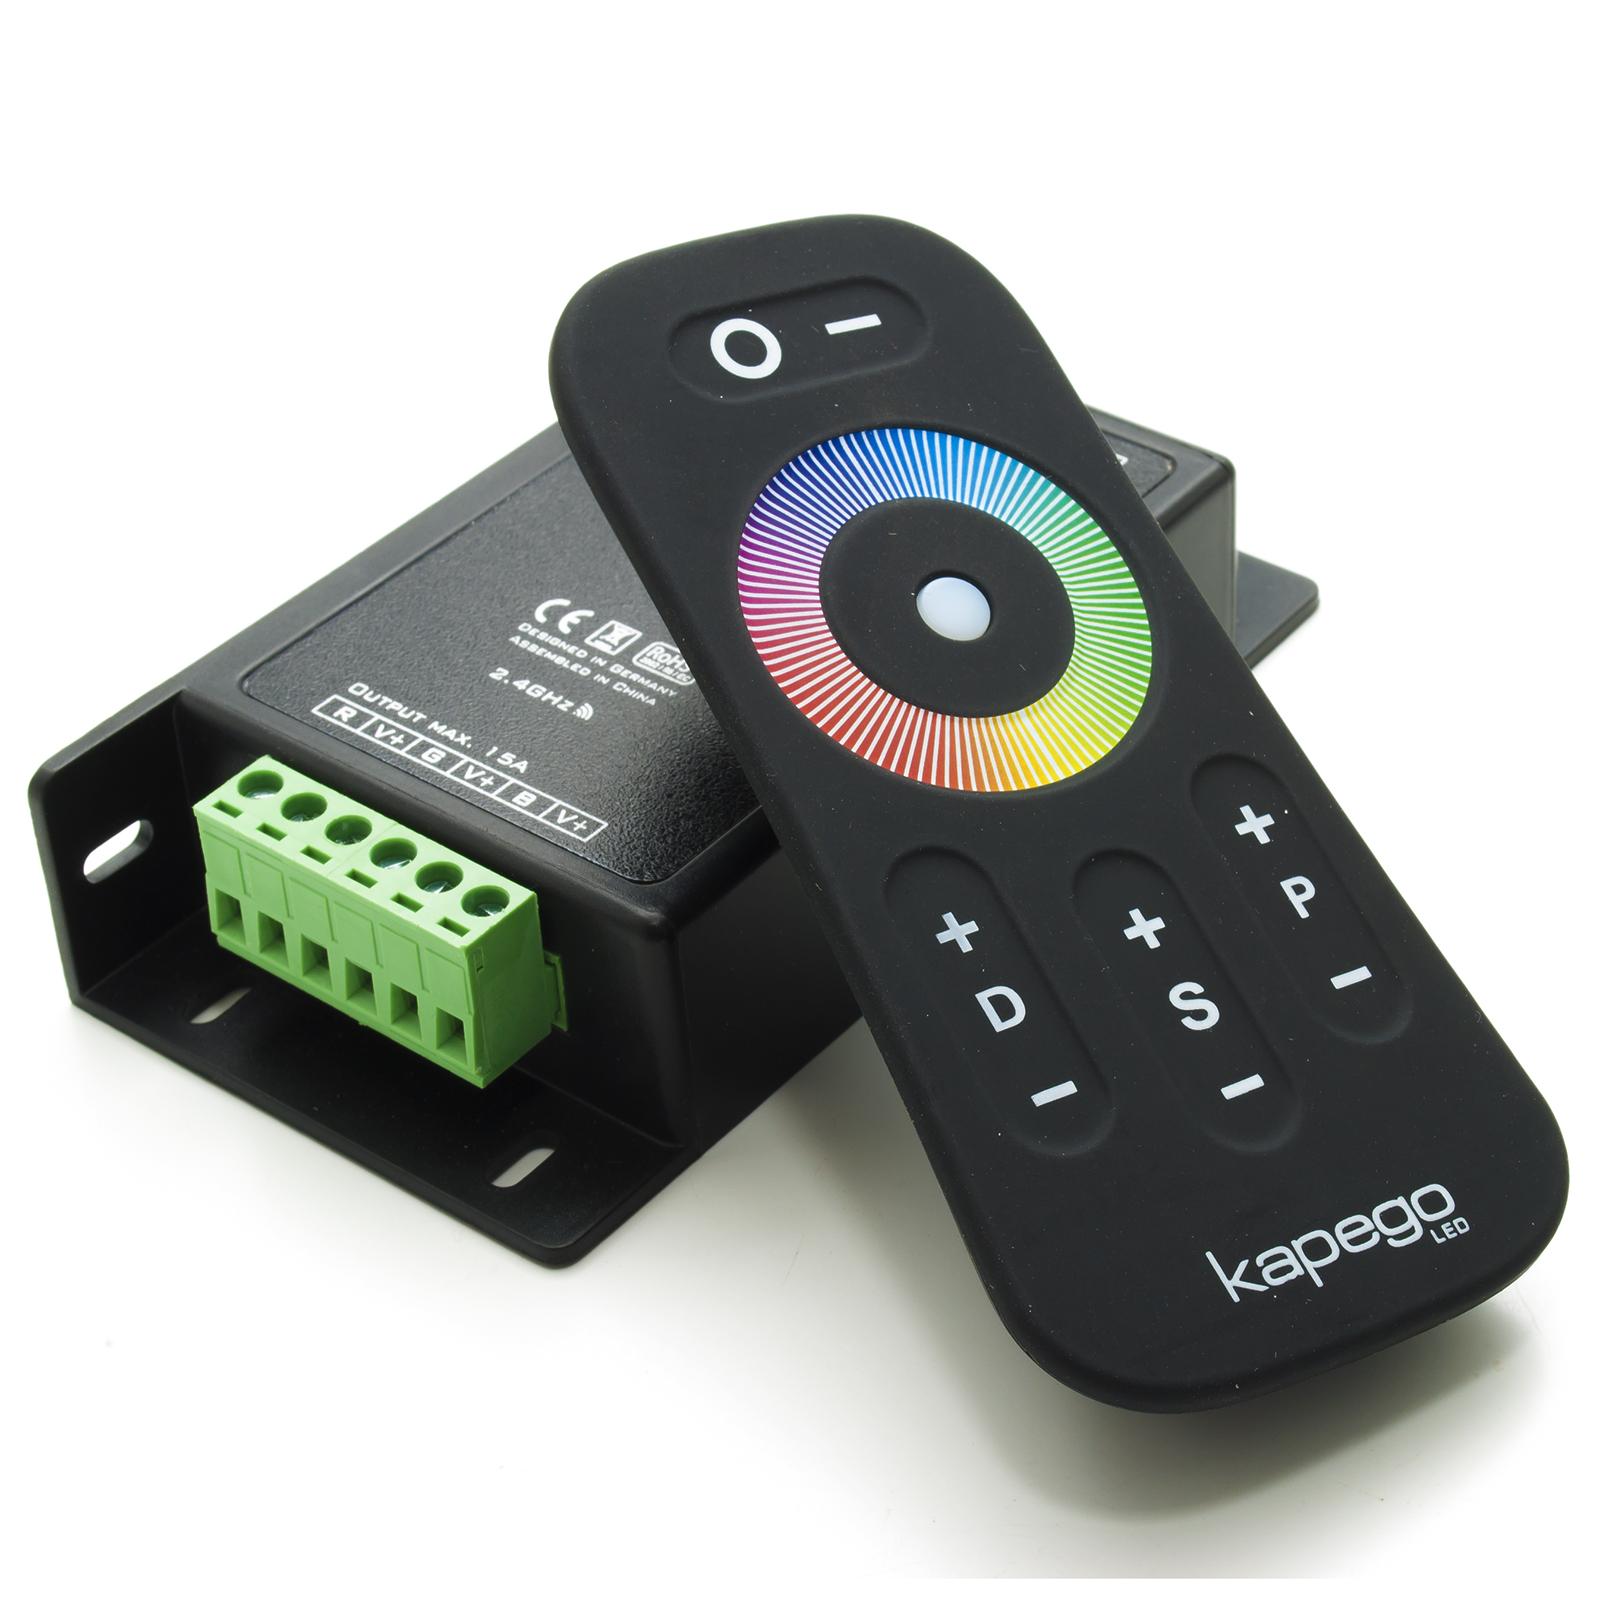 Accensione Lampadario Con Telecomando centralina controller rf 15a 3 canali per striscia led rgb faretto lampada  led wireless telecomando touch